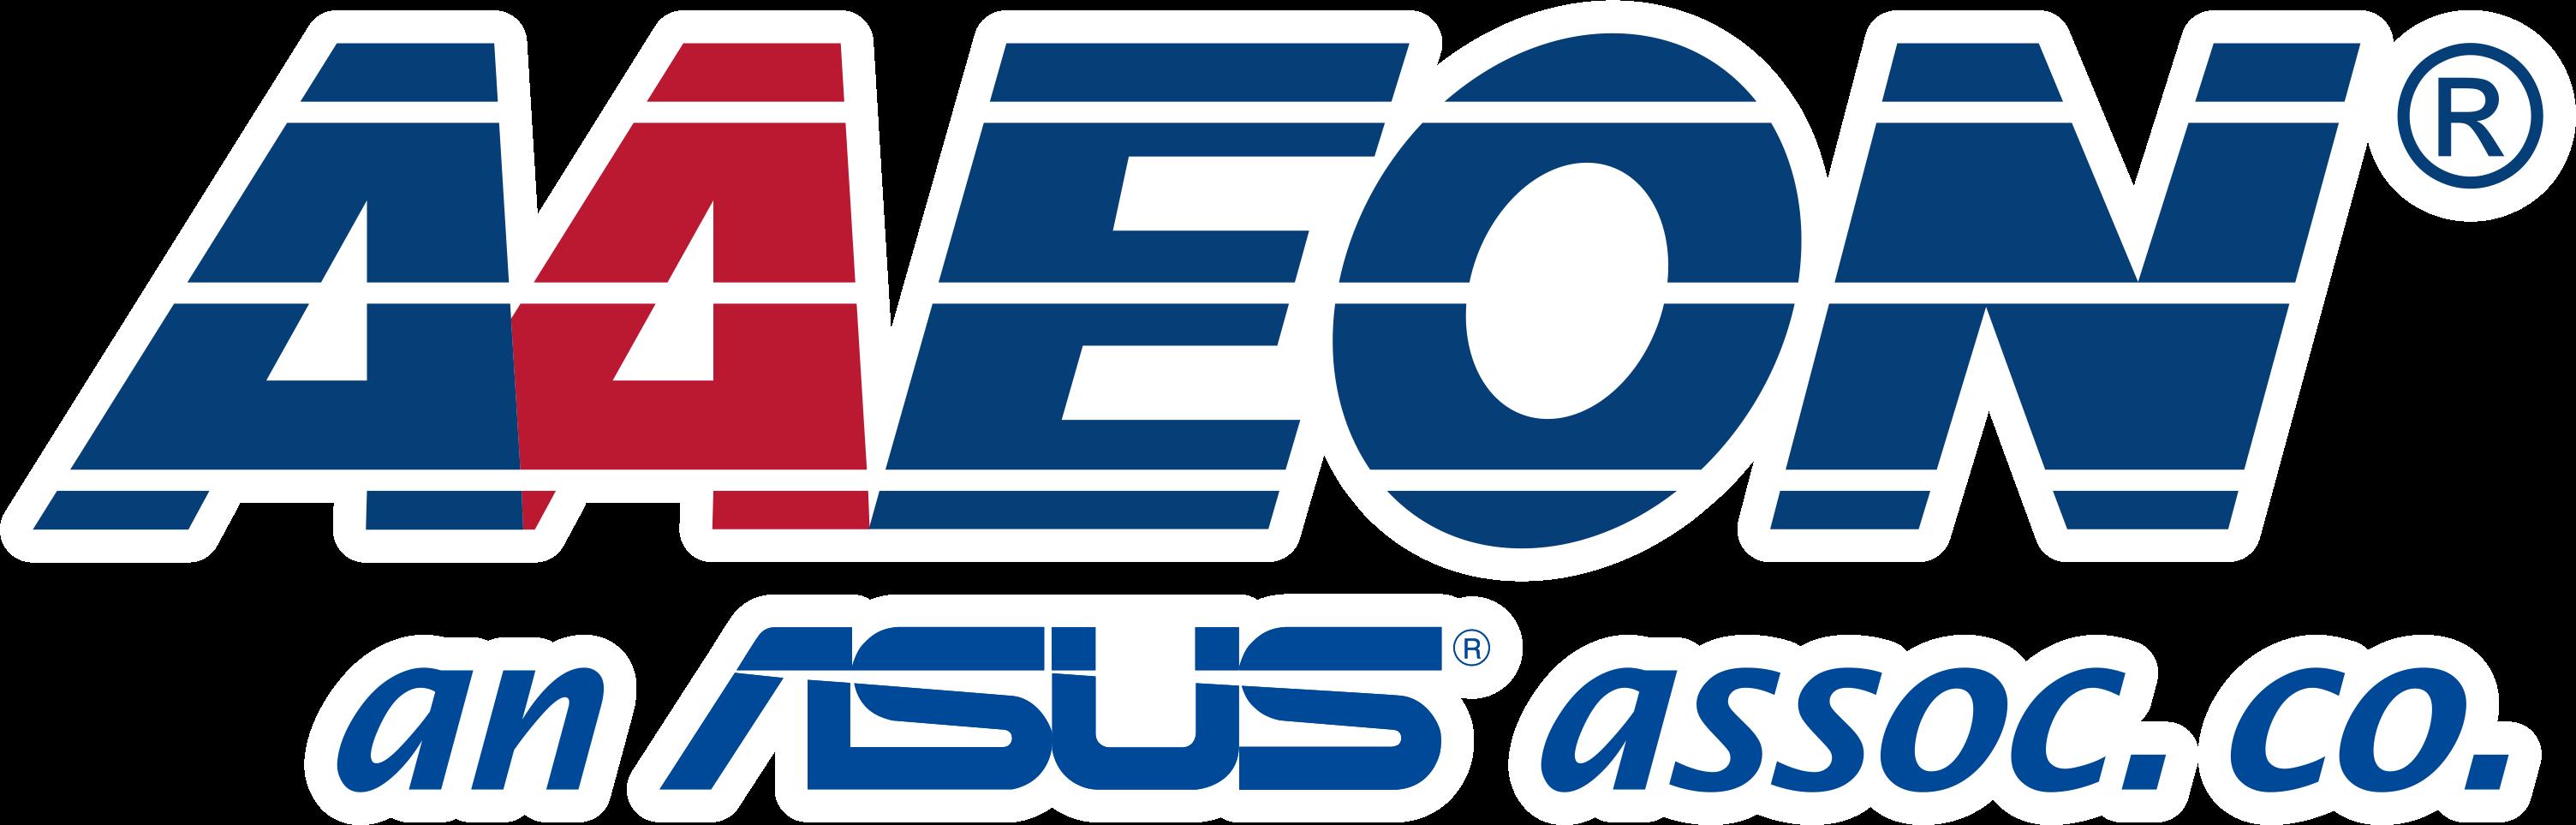 AAEON, opgericht in 1992, is een van de toonaangevende ontwerpers en fabrikanten van geavanceerde industriële en embedded computerplatforms.